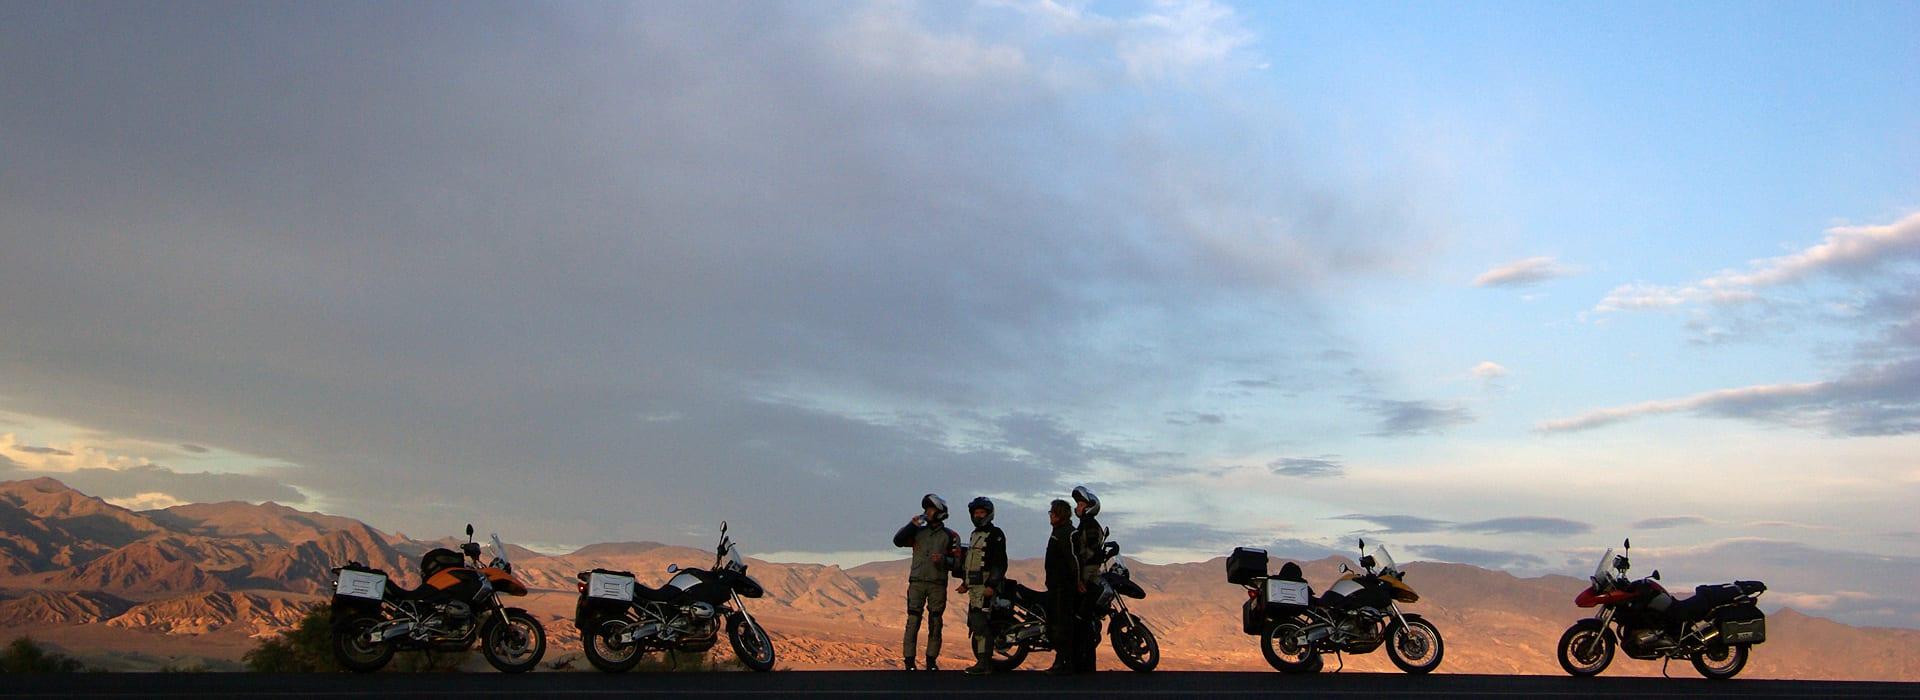 Op de GS motor genieten van de zonsondergang in death valley